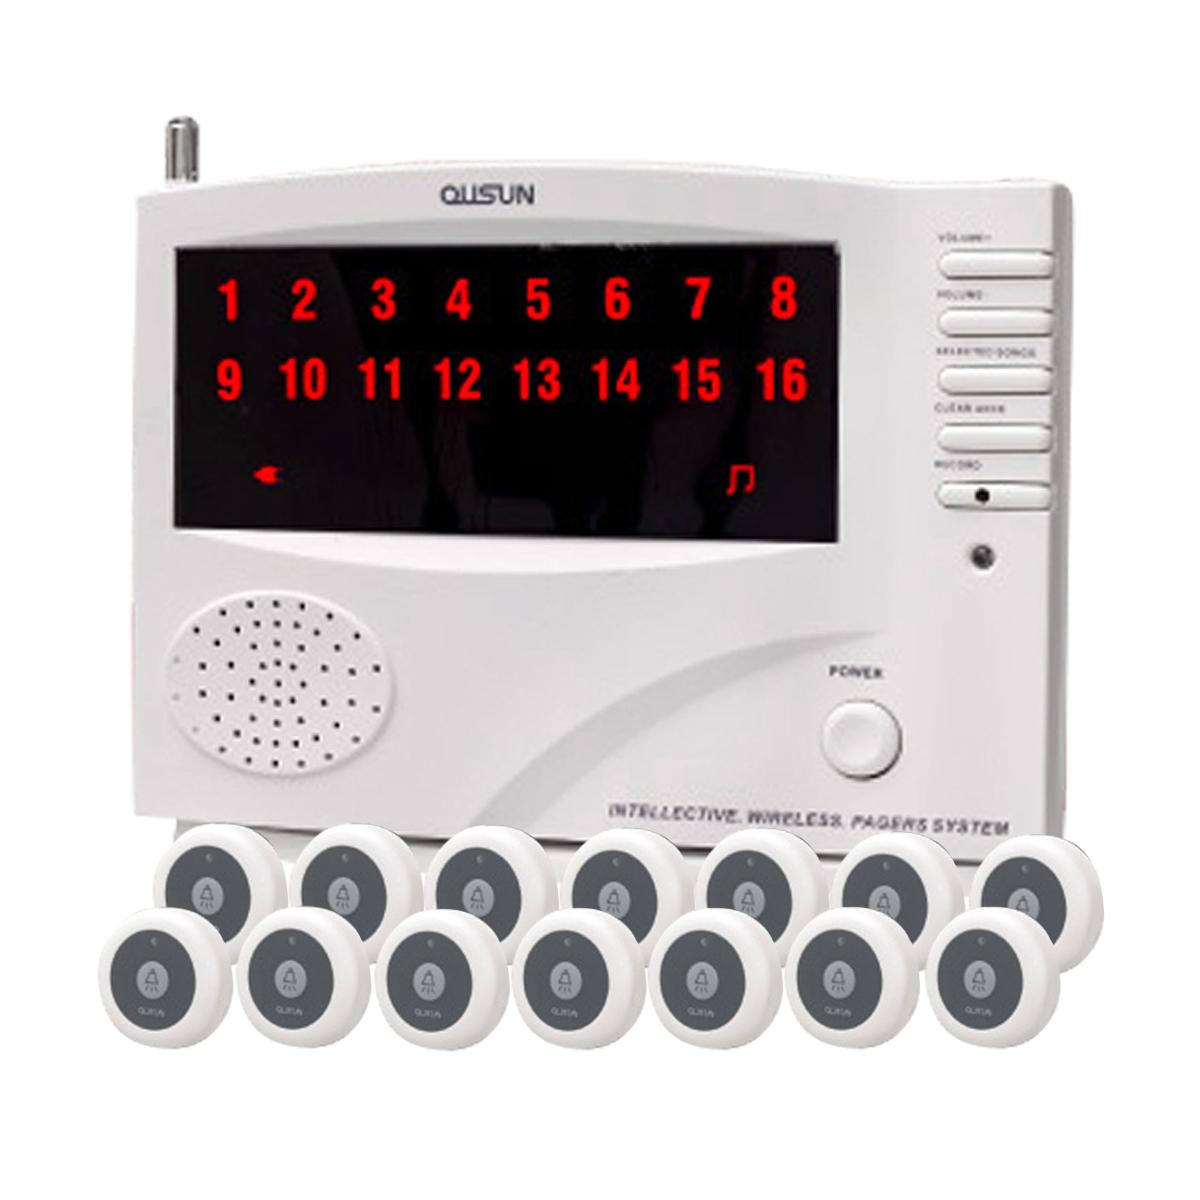 ワイヤレス チャイム コードレスチャイム 業務用 16ch 送信機 14個 白 黒 1年保証 無料登録サービス インターホン 呼び鈴 呼び出しチャイム 店舗 飲食店 介護施設 _92076-1-1